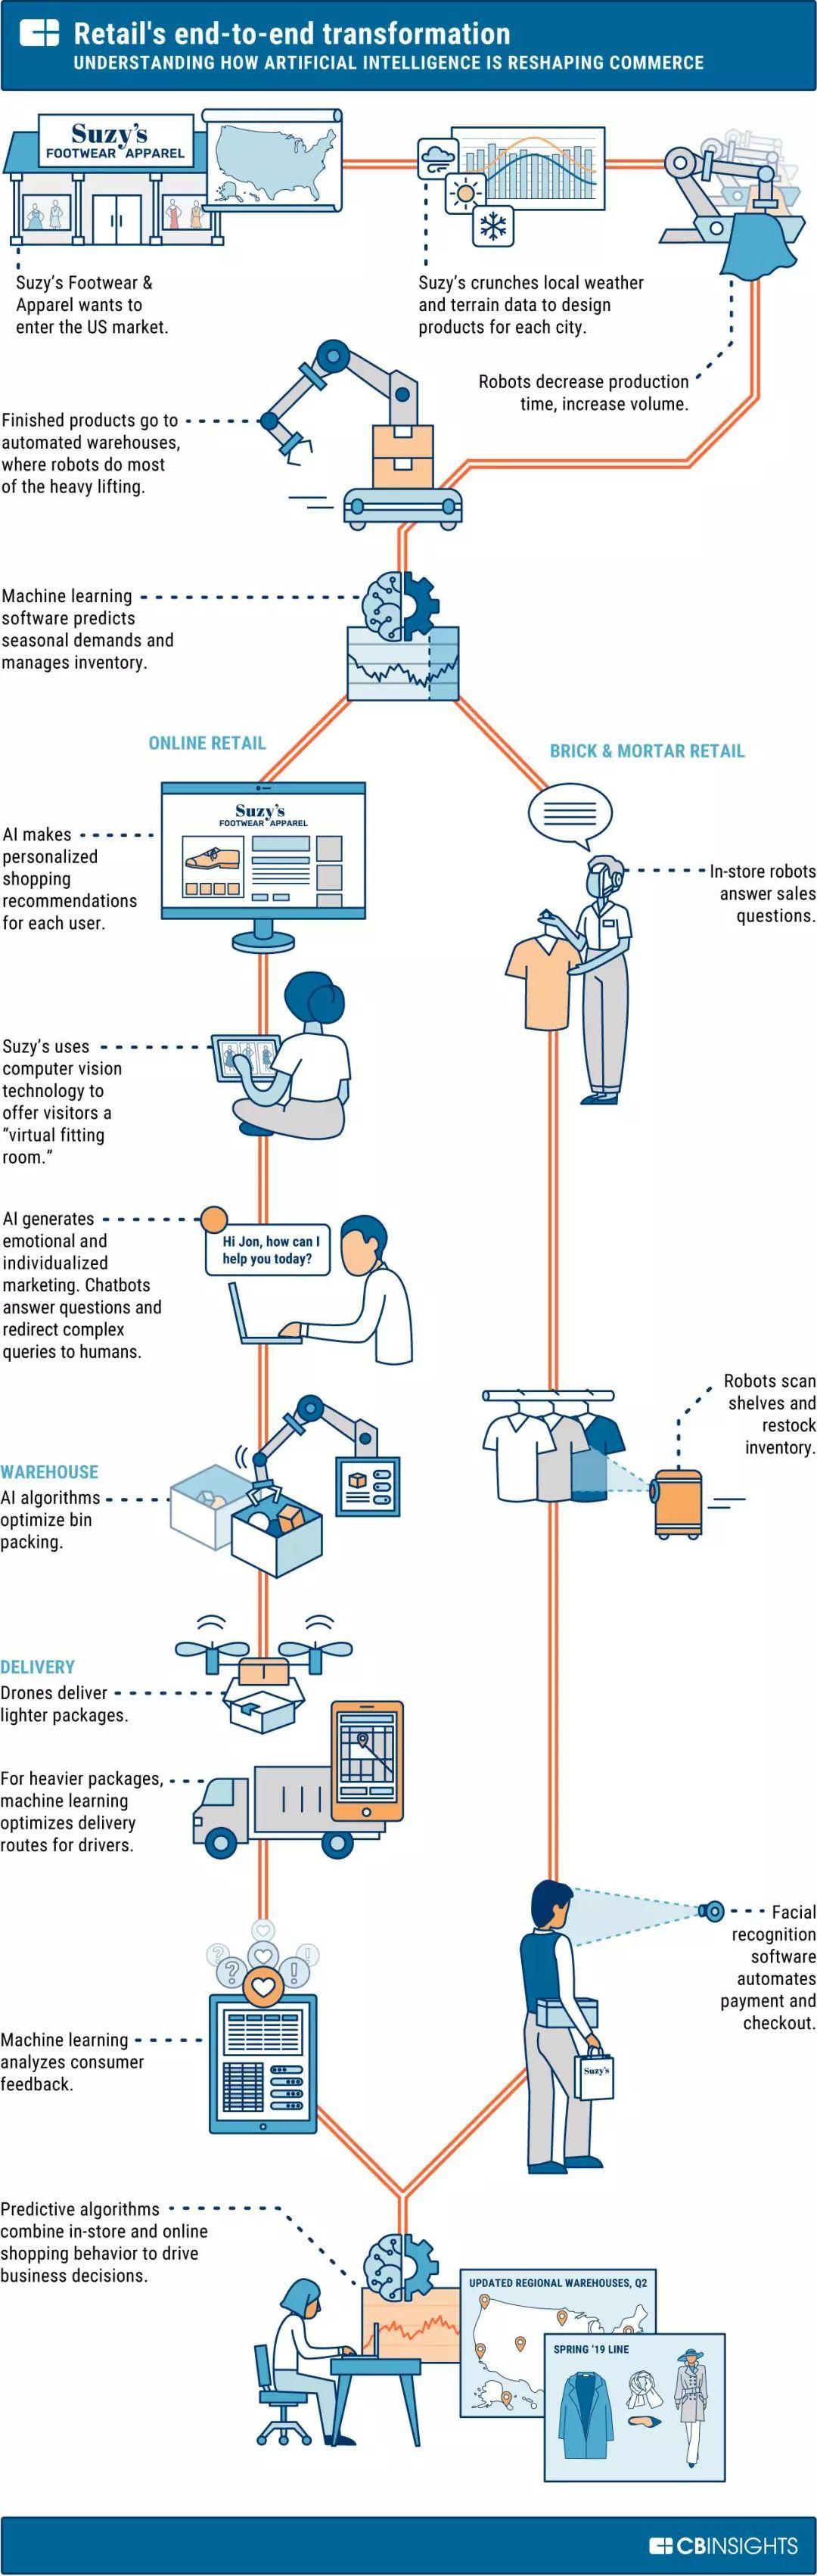 零售业与人工智能(新零售业和零售业的)